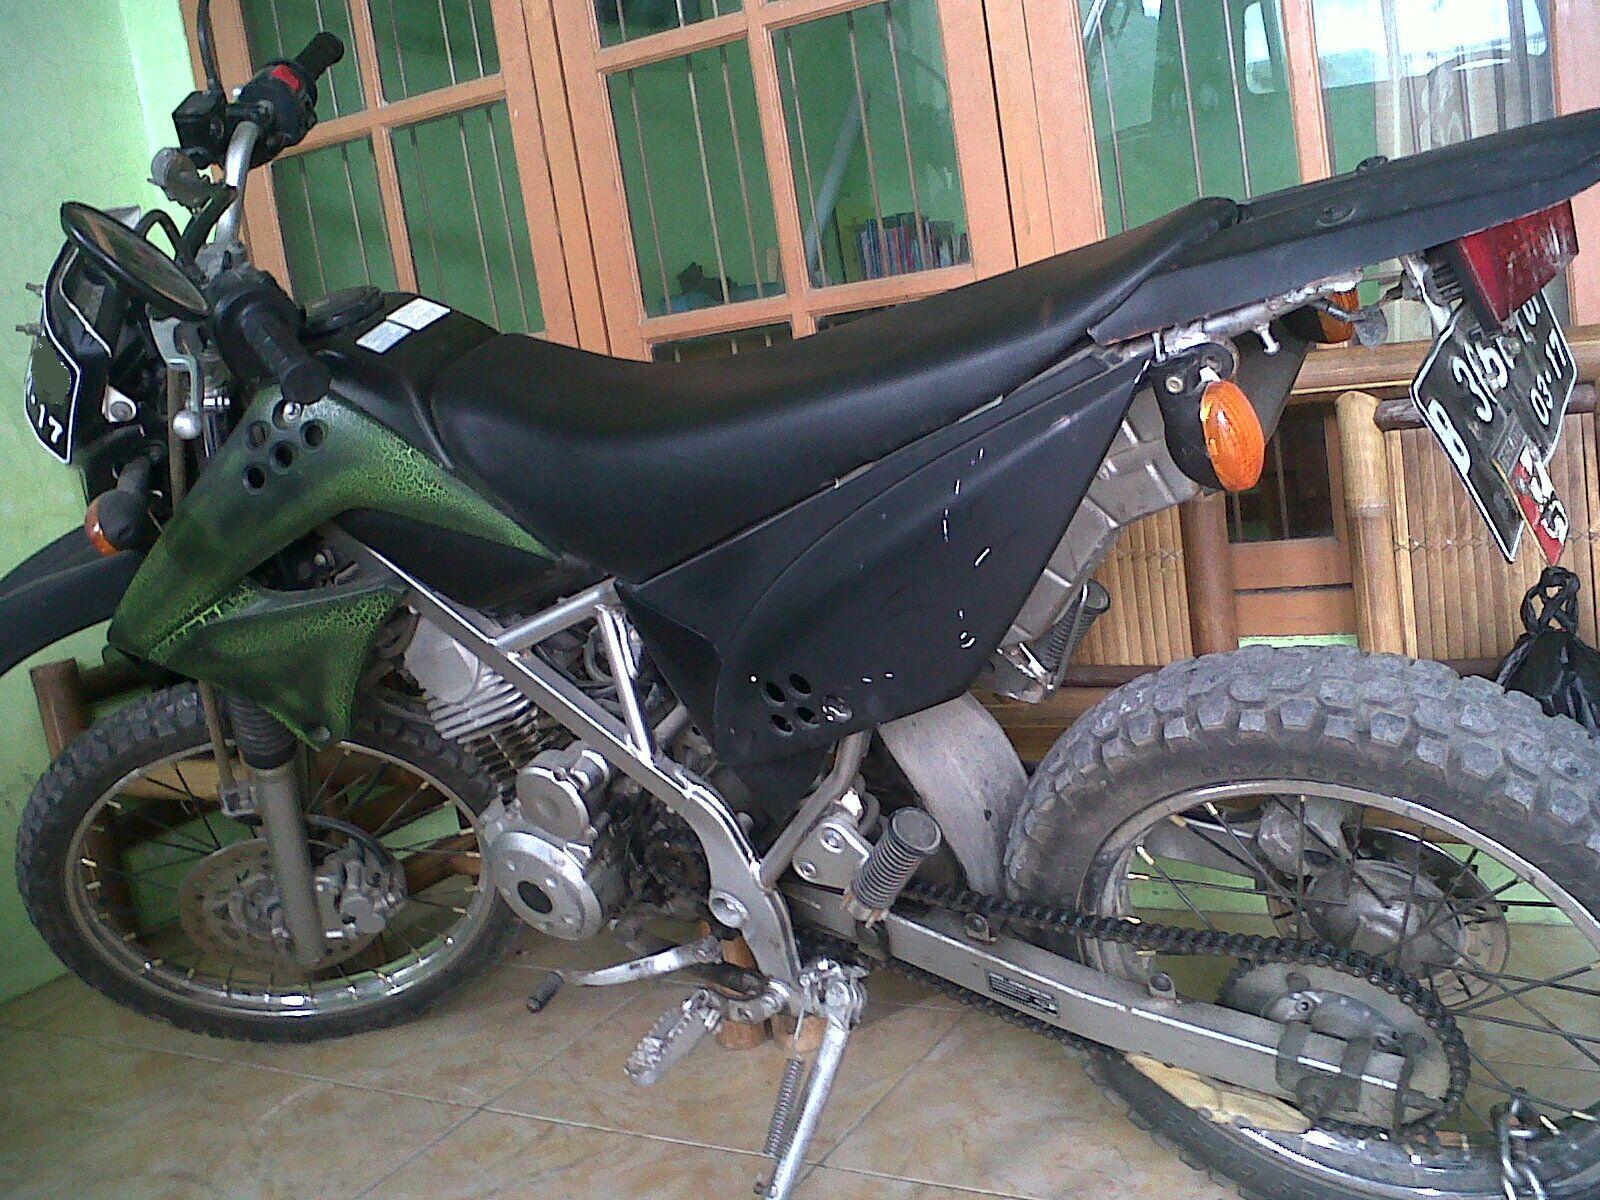 harga Motor Traill - Kawasaki KLX 150 tahun 2012 Tokopedia.com